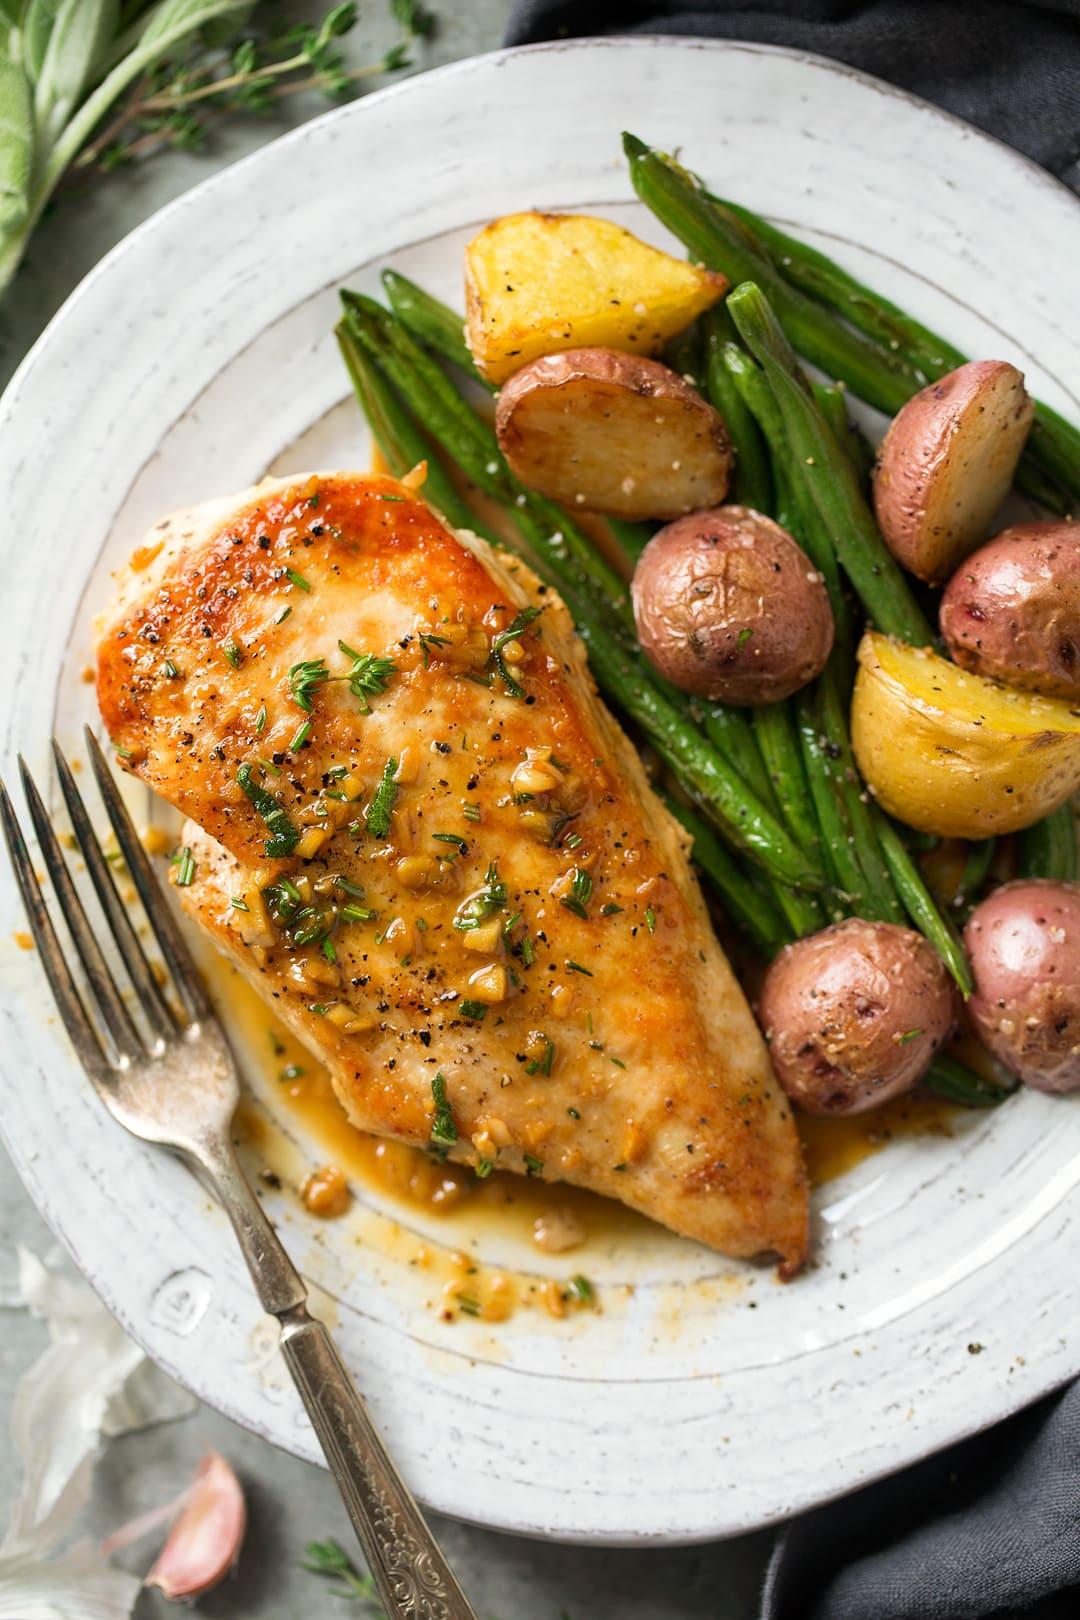 Skillet Chicken Recipe With Garlic Herb Butter Sauce